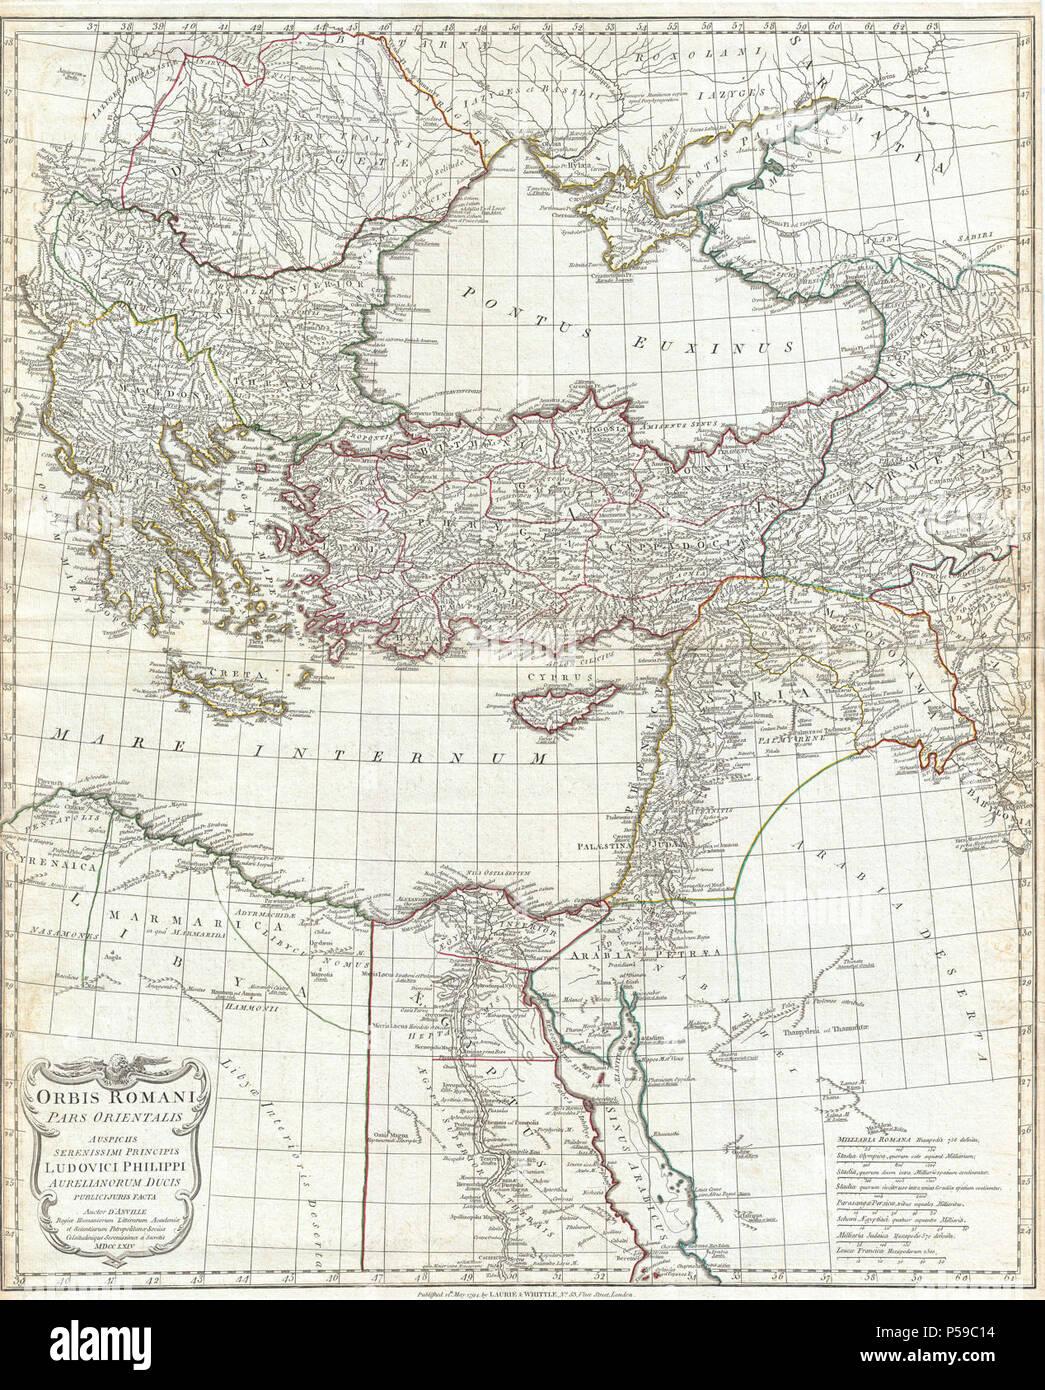 1794 Anville Site de l'Empire romain (inclues) - Grèce - Geographicus-RomanEmpireEast anville-1794. Photo Stock